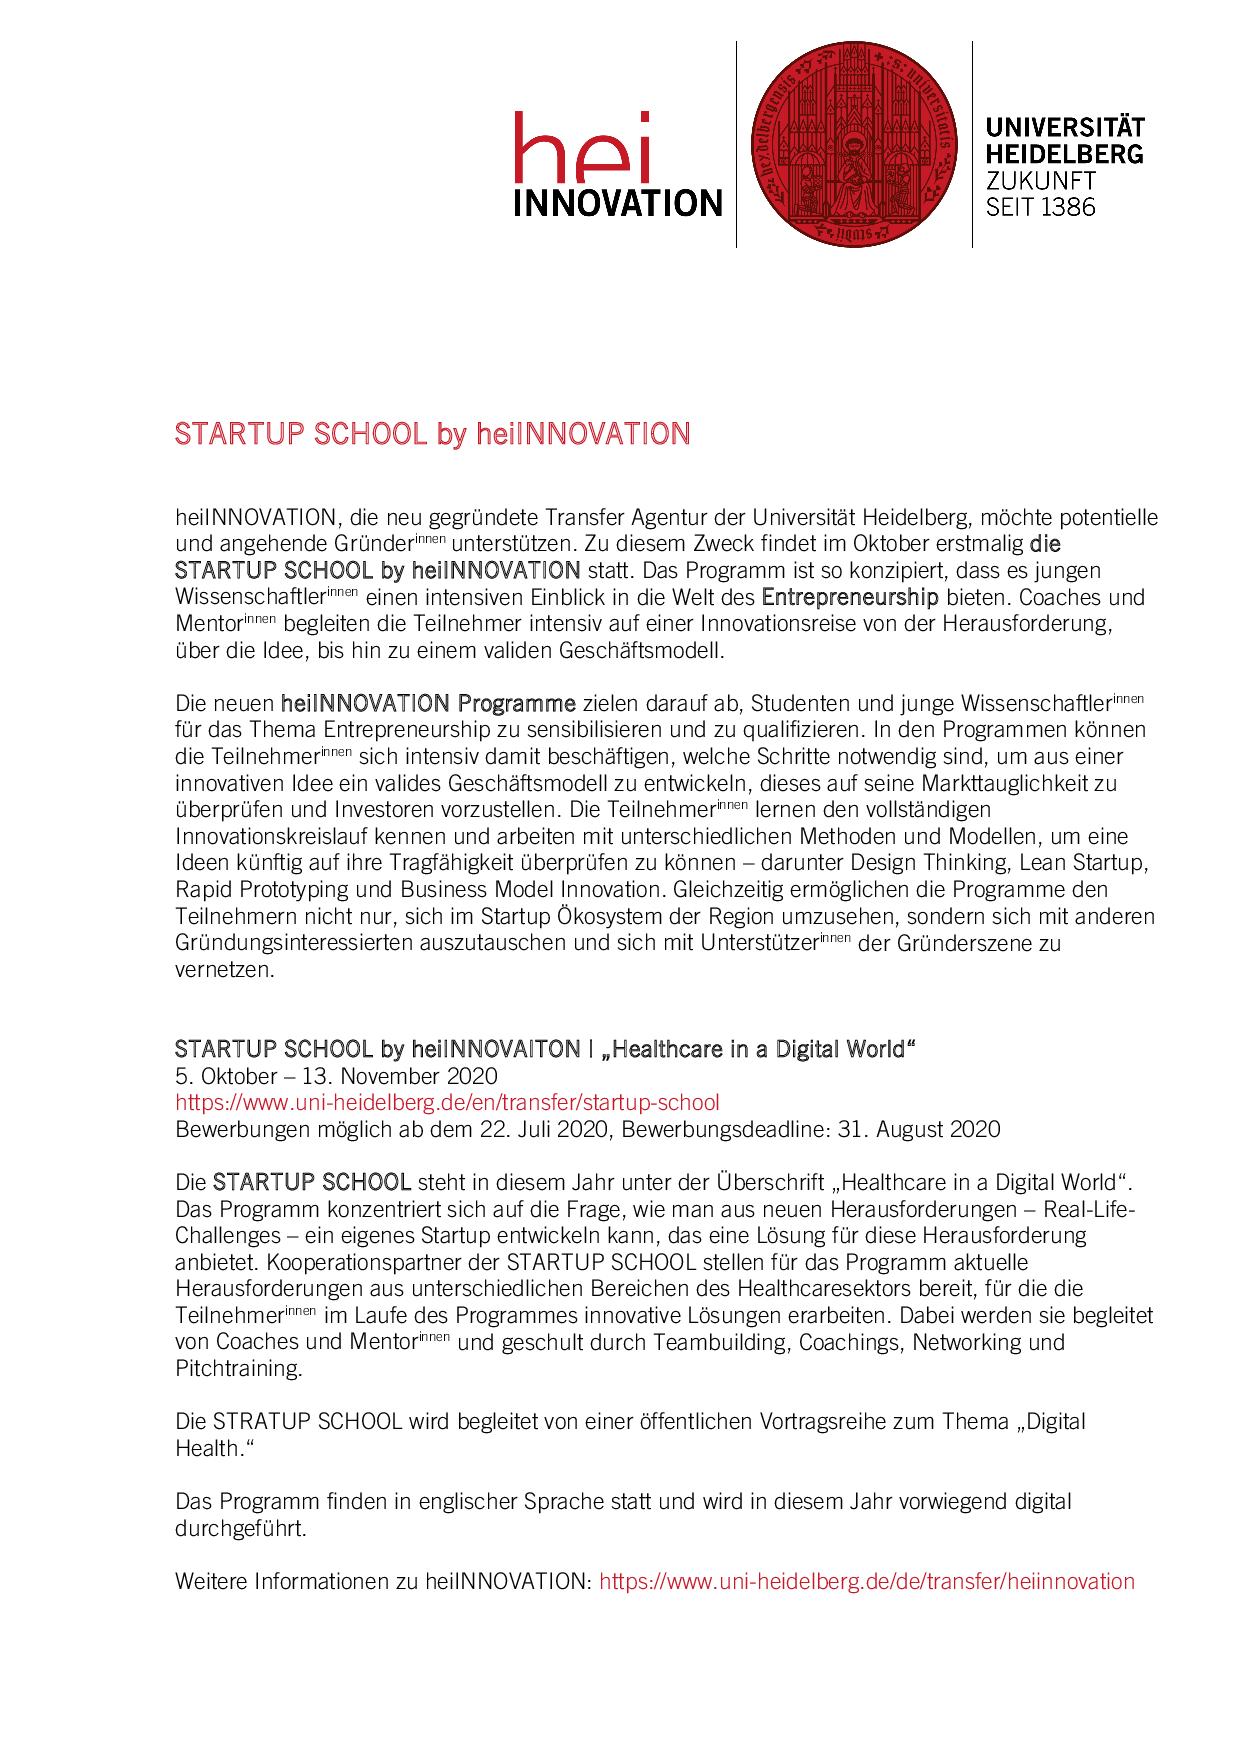 Medizinische Fakultat Heidelberg Bewerbung 5